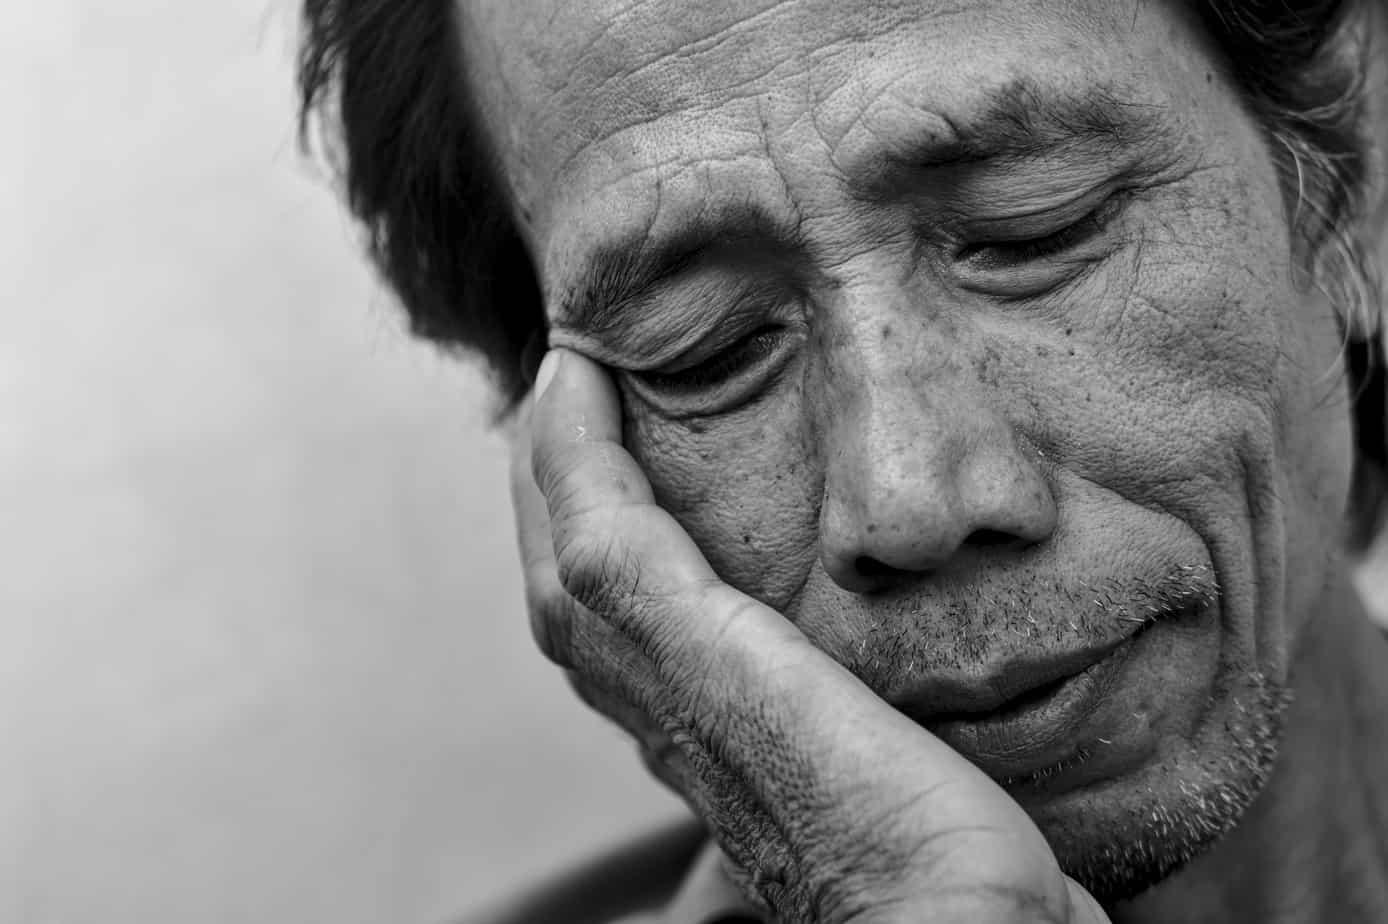 Une somnolence diurne vous affecte : identifier la narcolepsie